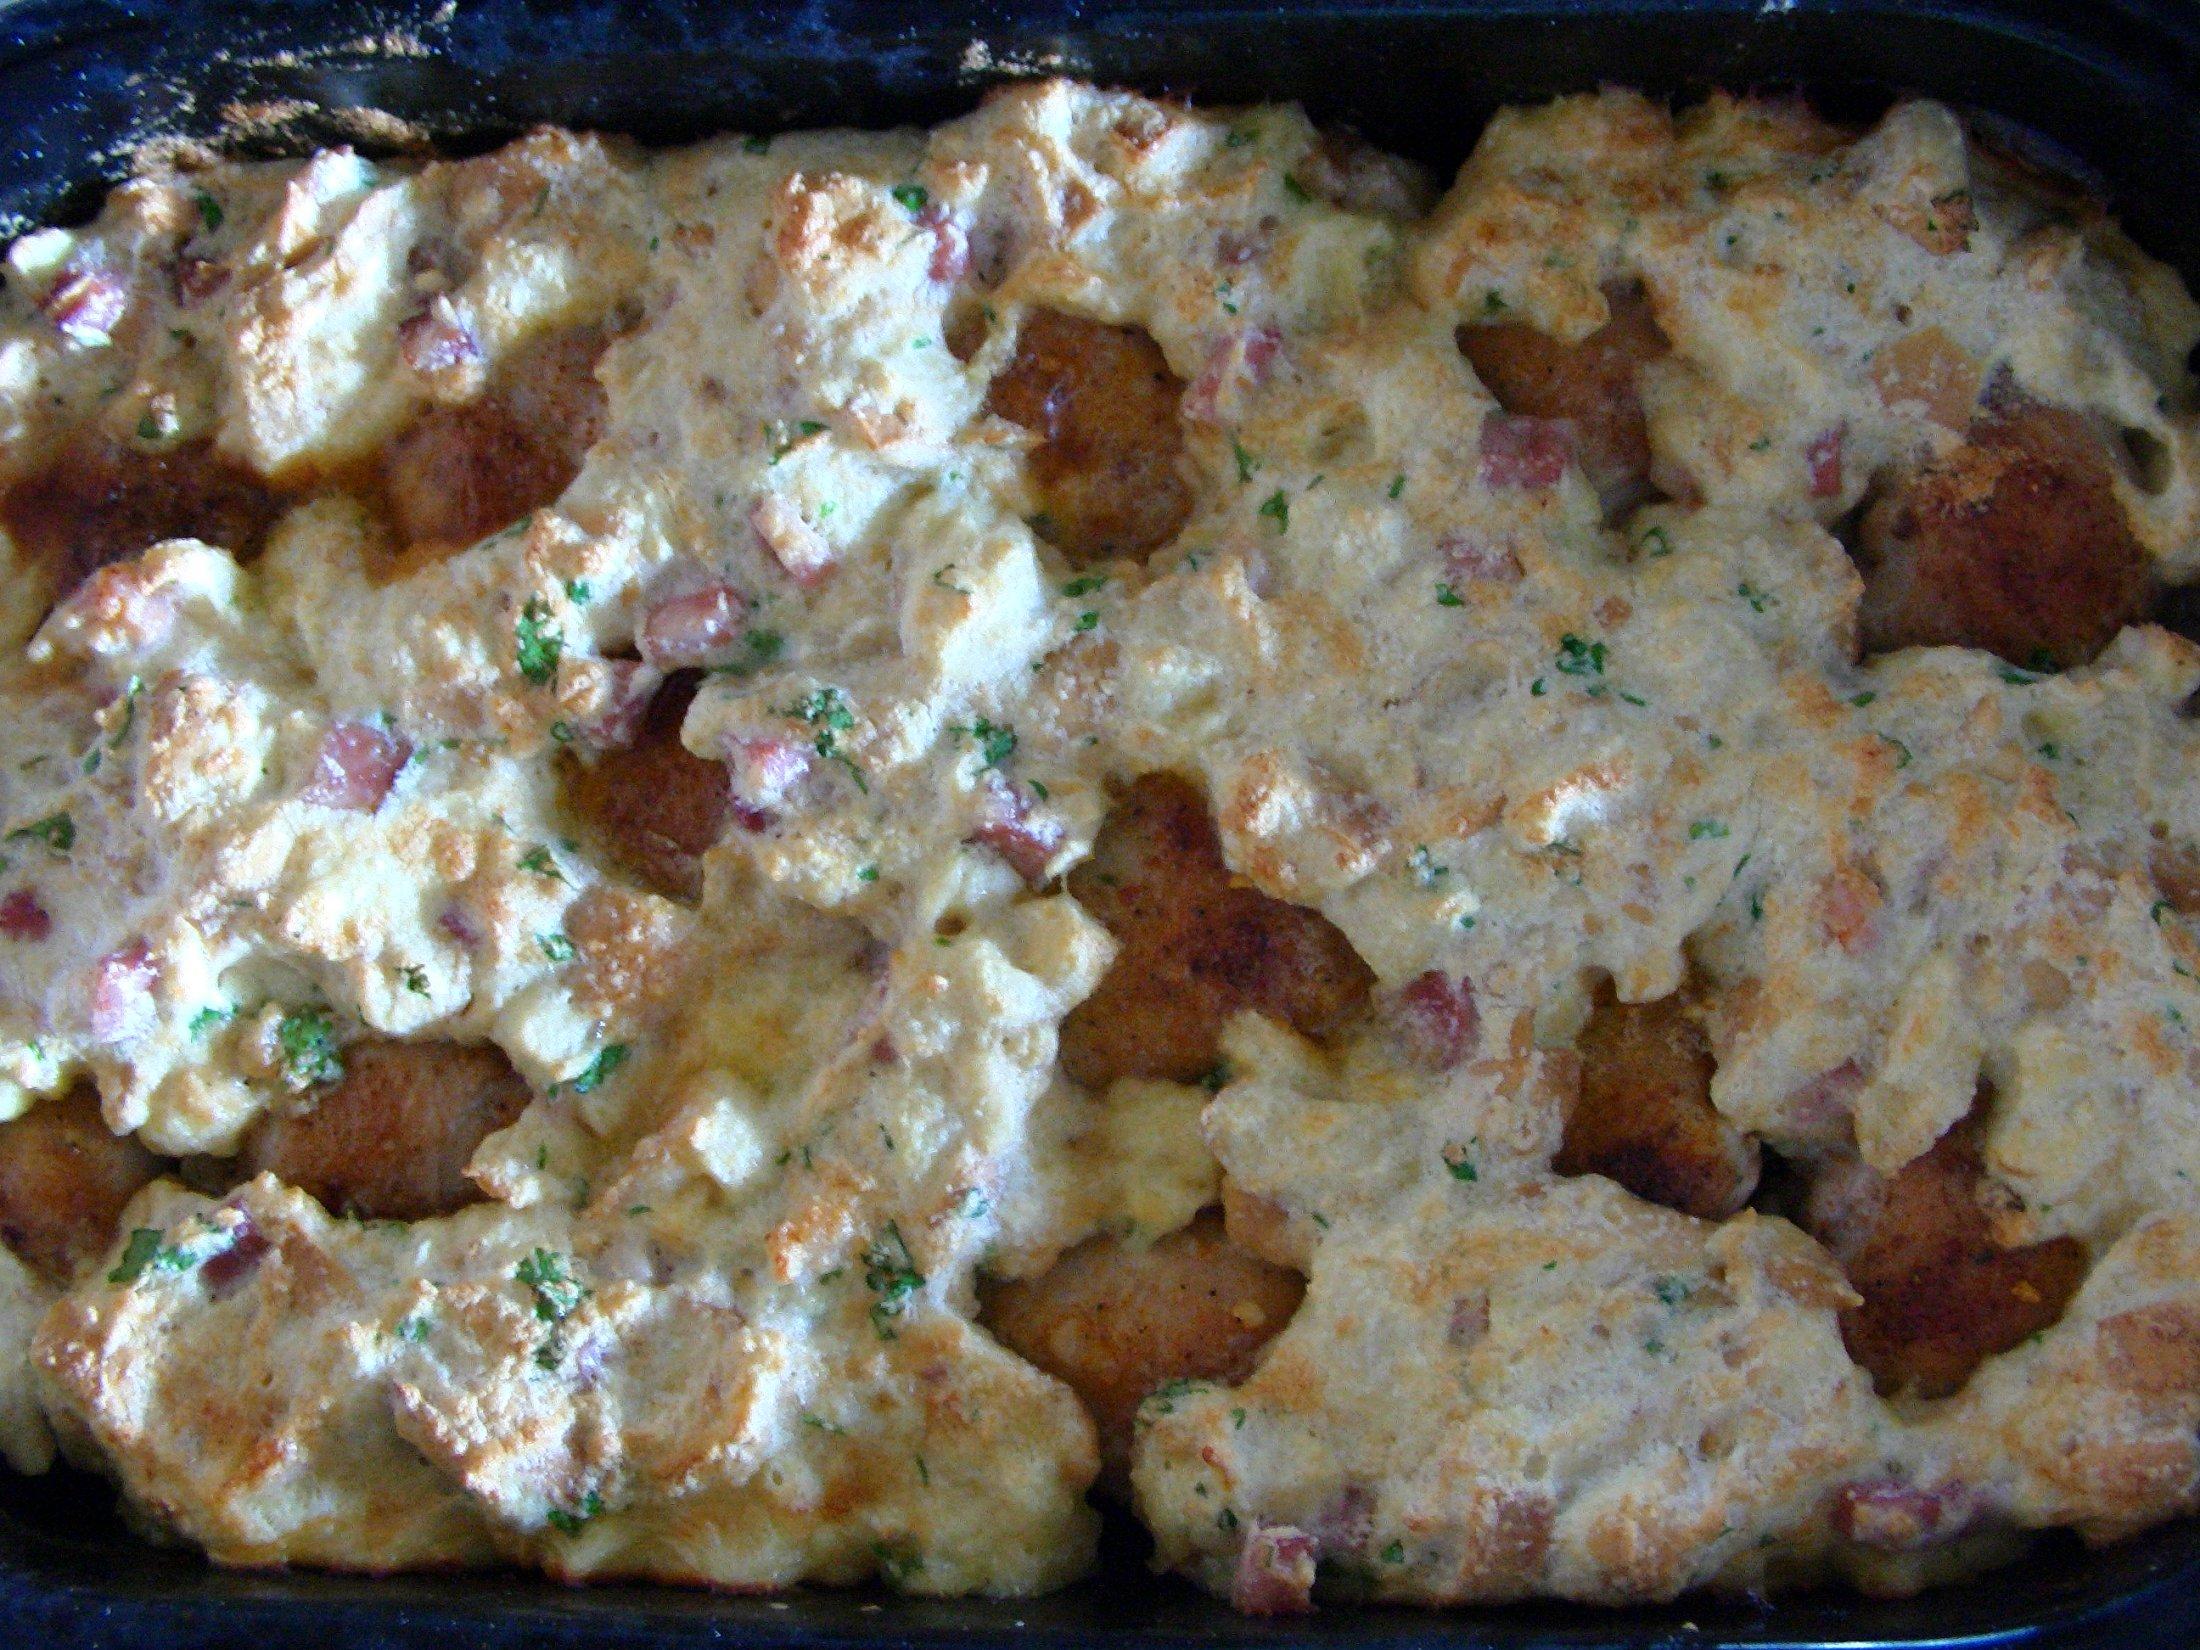 Recept Pečená kuřecí stehna s nádivkou okolo - Takto to vypadá, když je to vše dobře upečené. Stačí už jenom servírovat. Dobrou chuť!